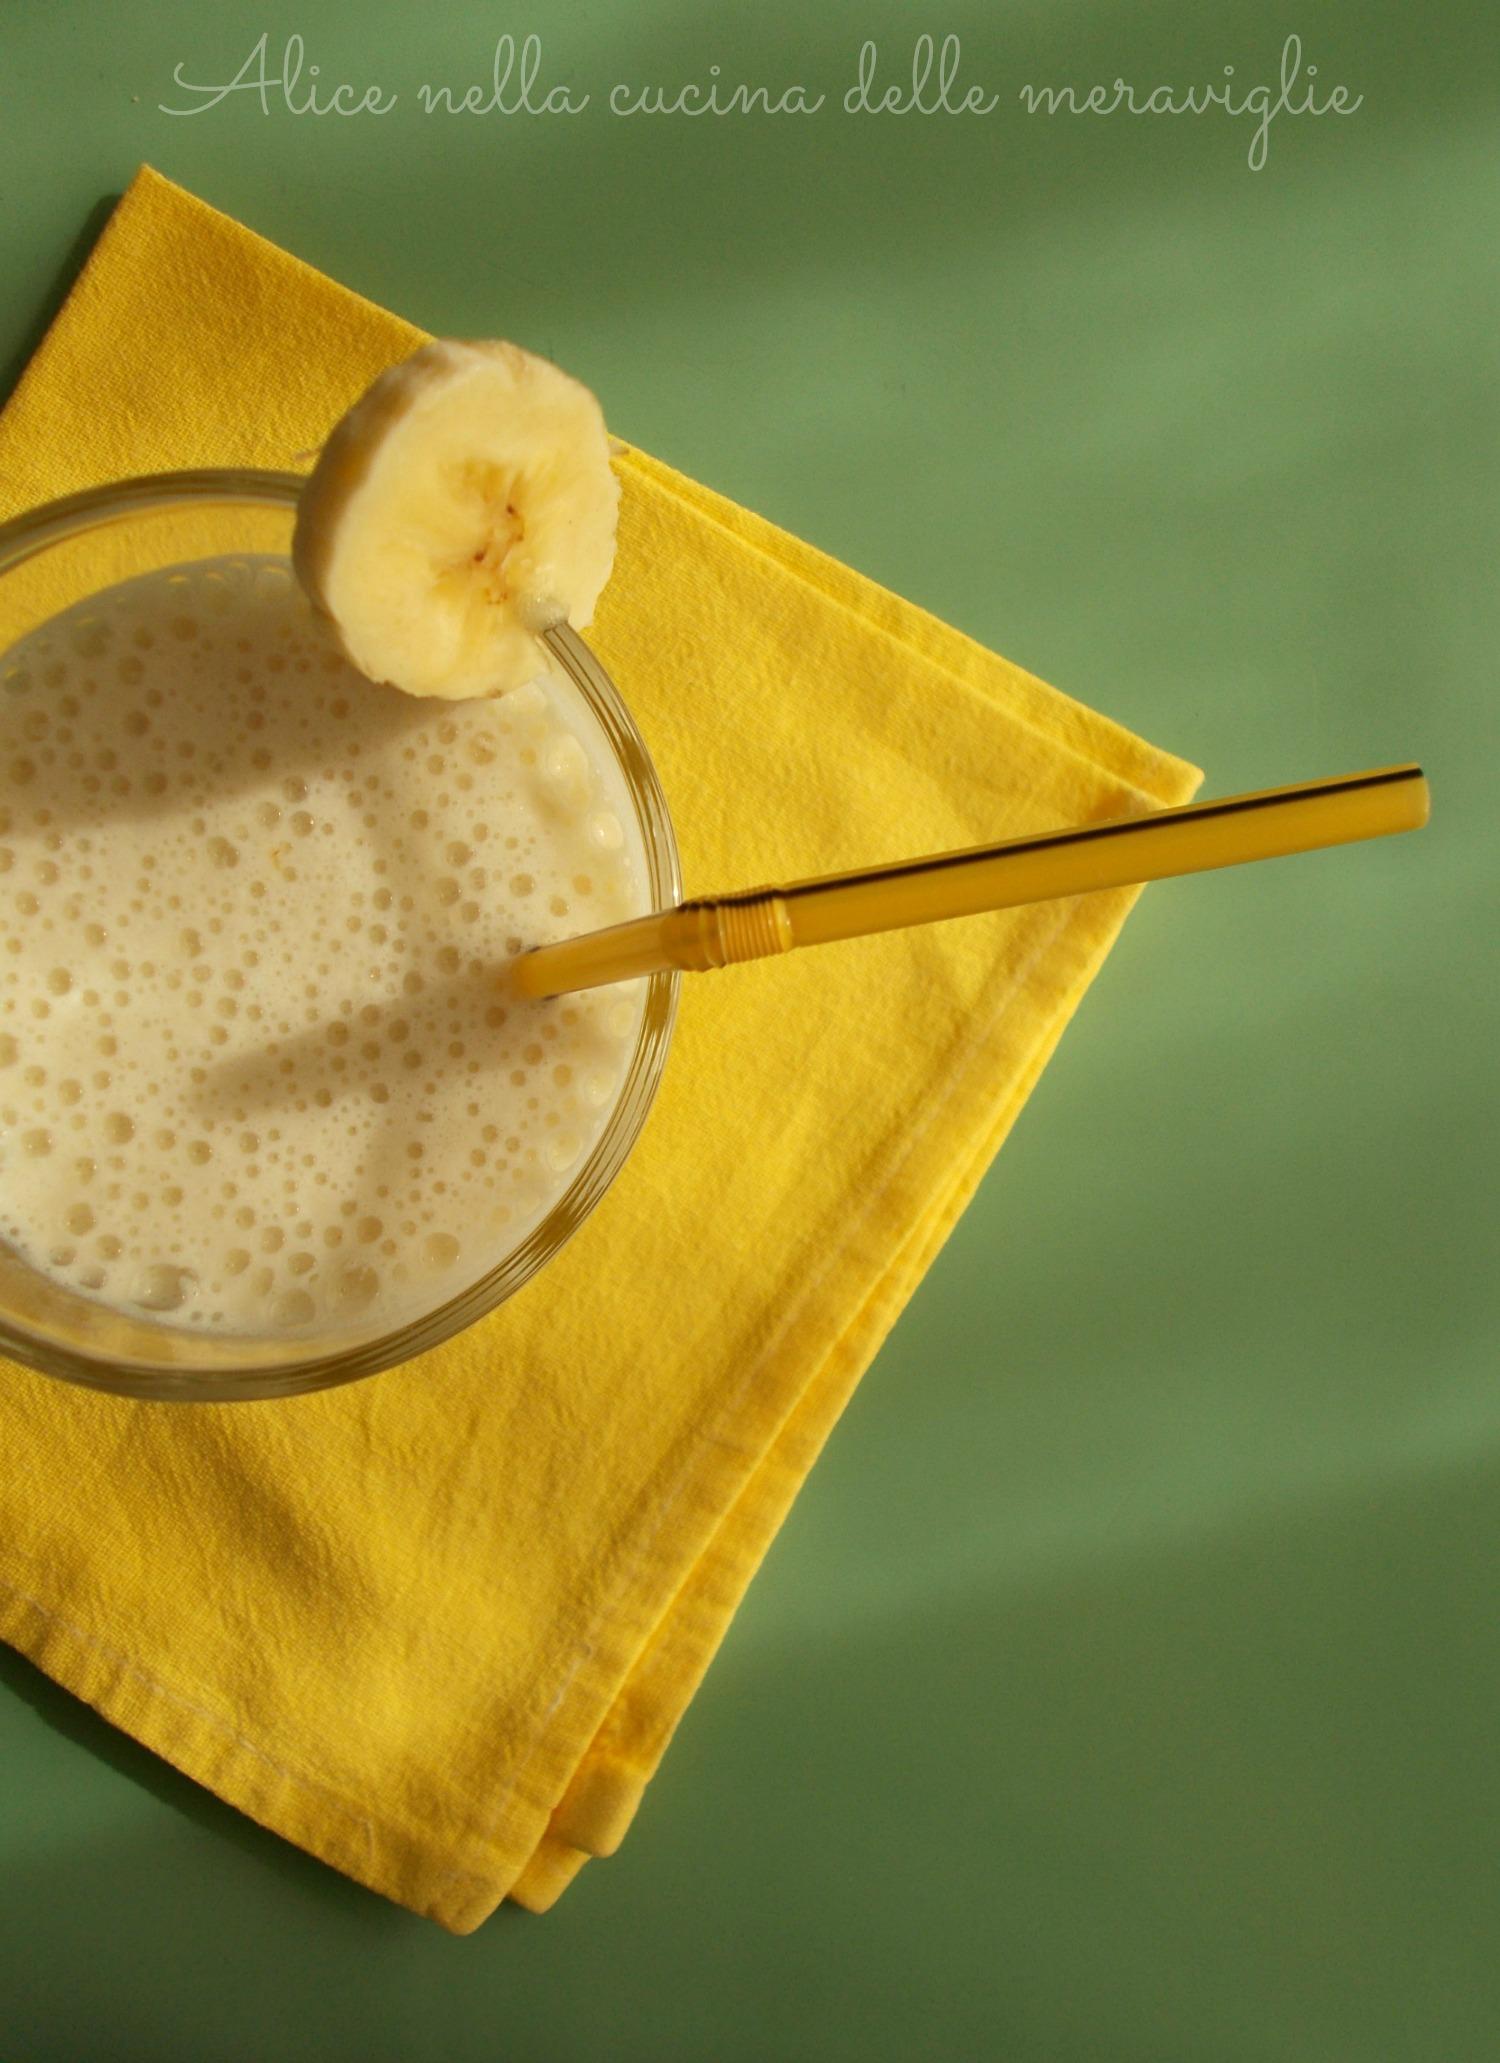 Frullato alla banana Ricetta dolce Alice nella cucina delle meraviglie